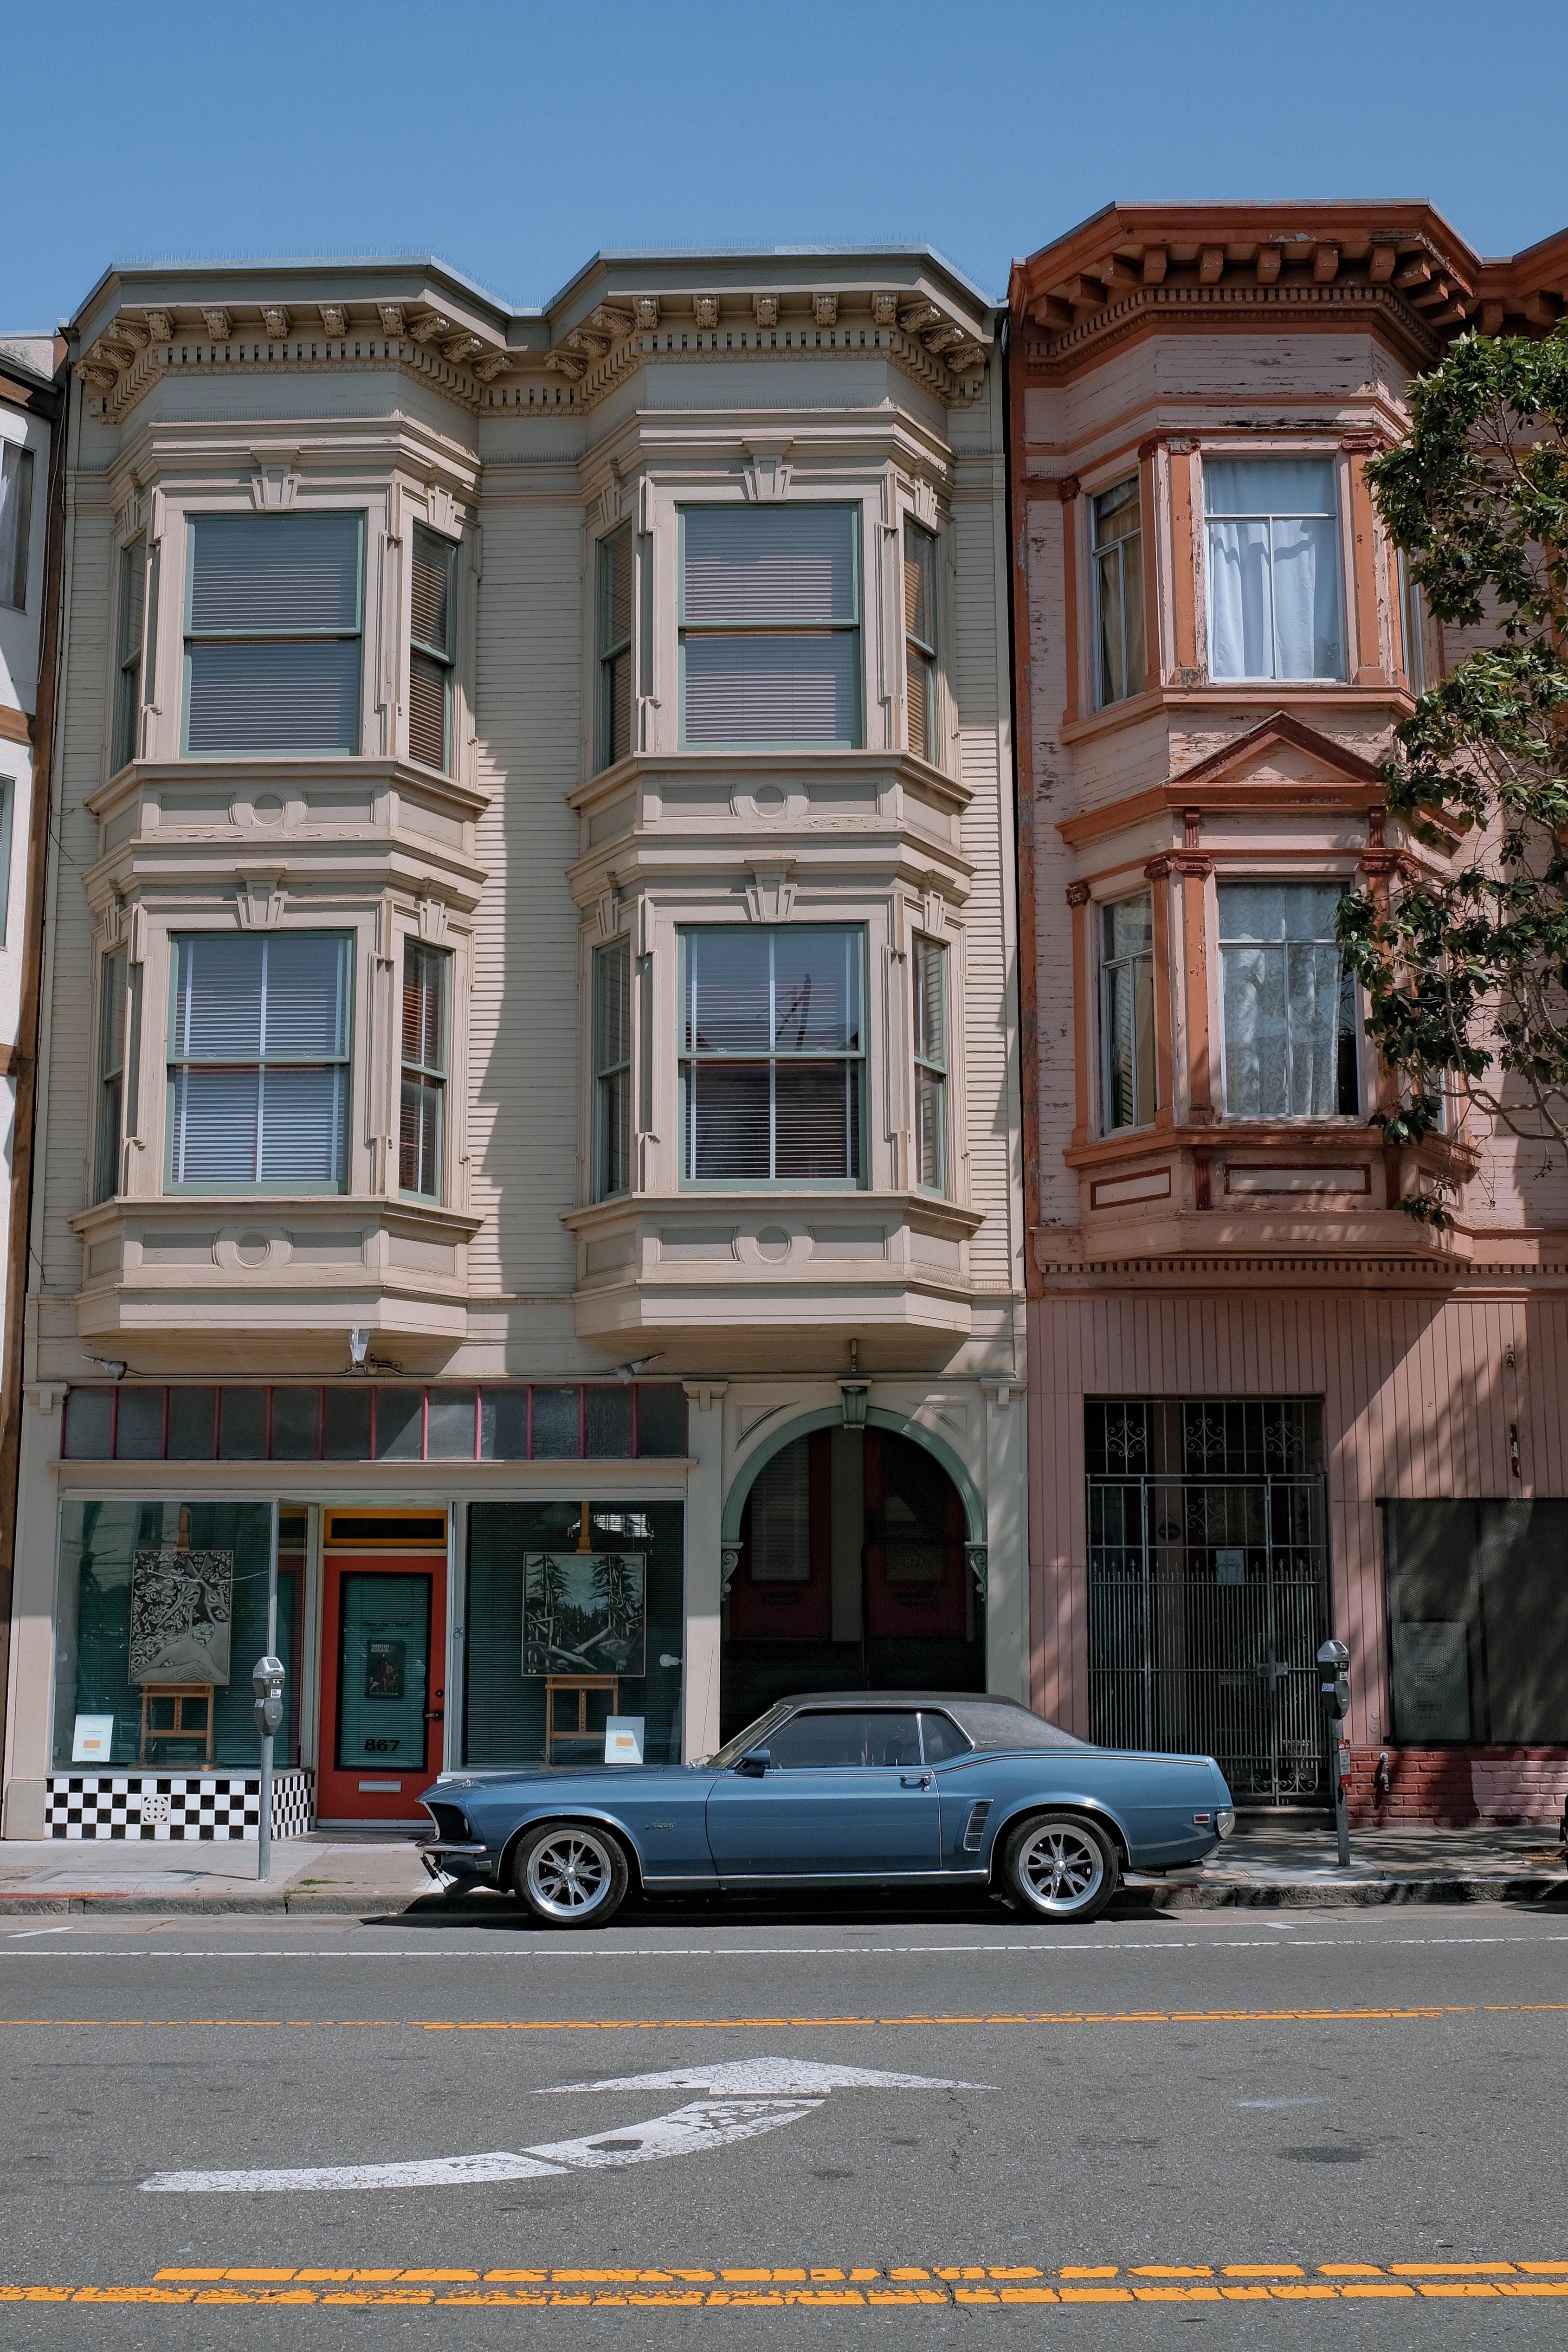 55777 скачать обои Тачки (Cars), Ford Mustang, Автомобиль, Фасад, Винтаж, Городской - заставки и картинки бесплатно